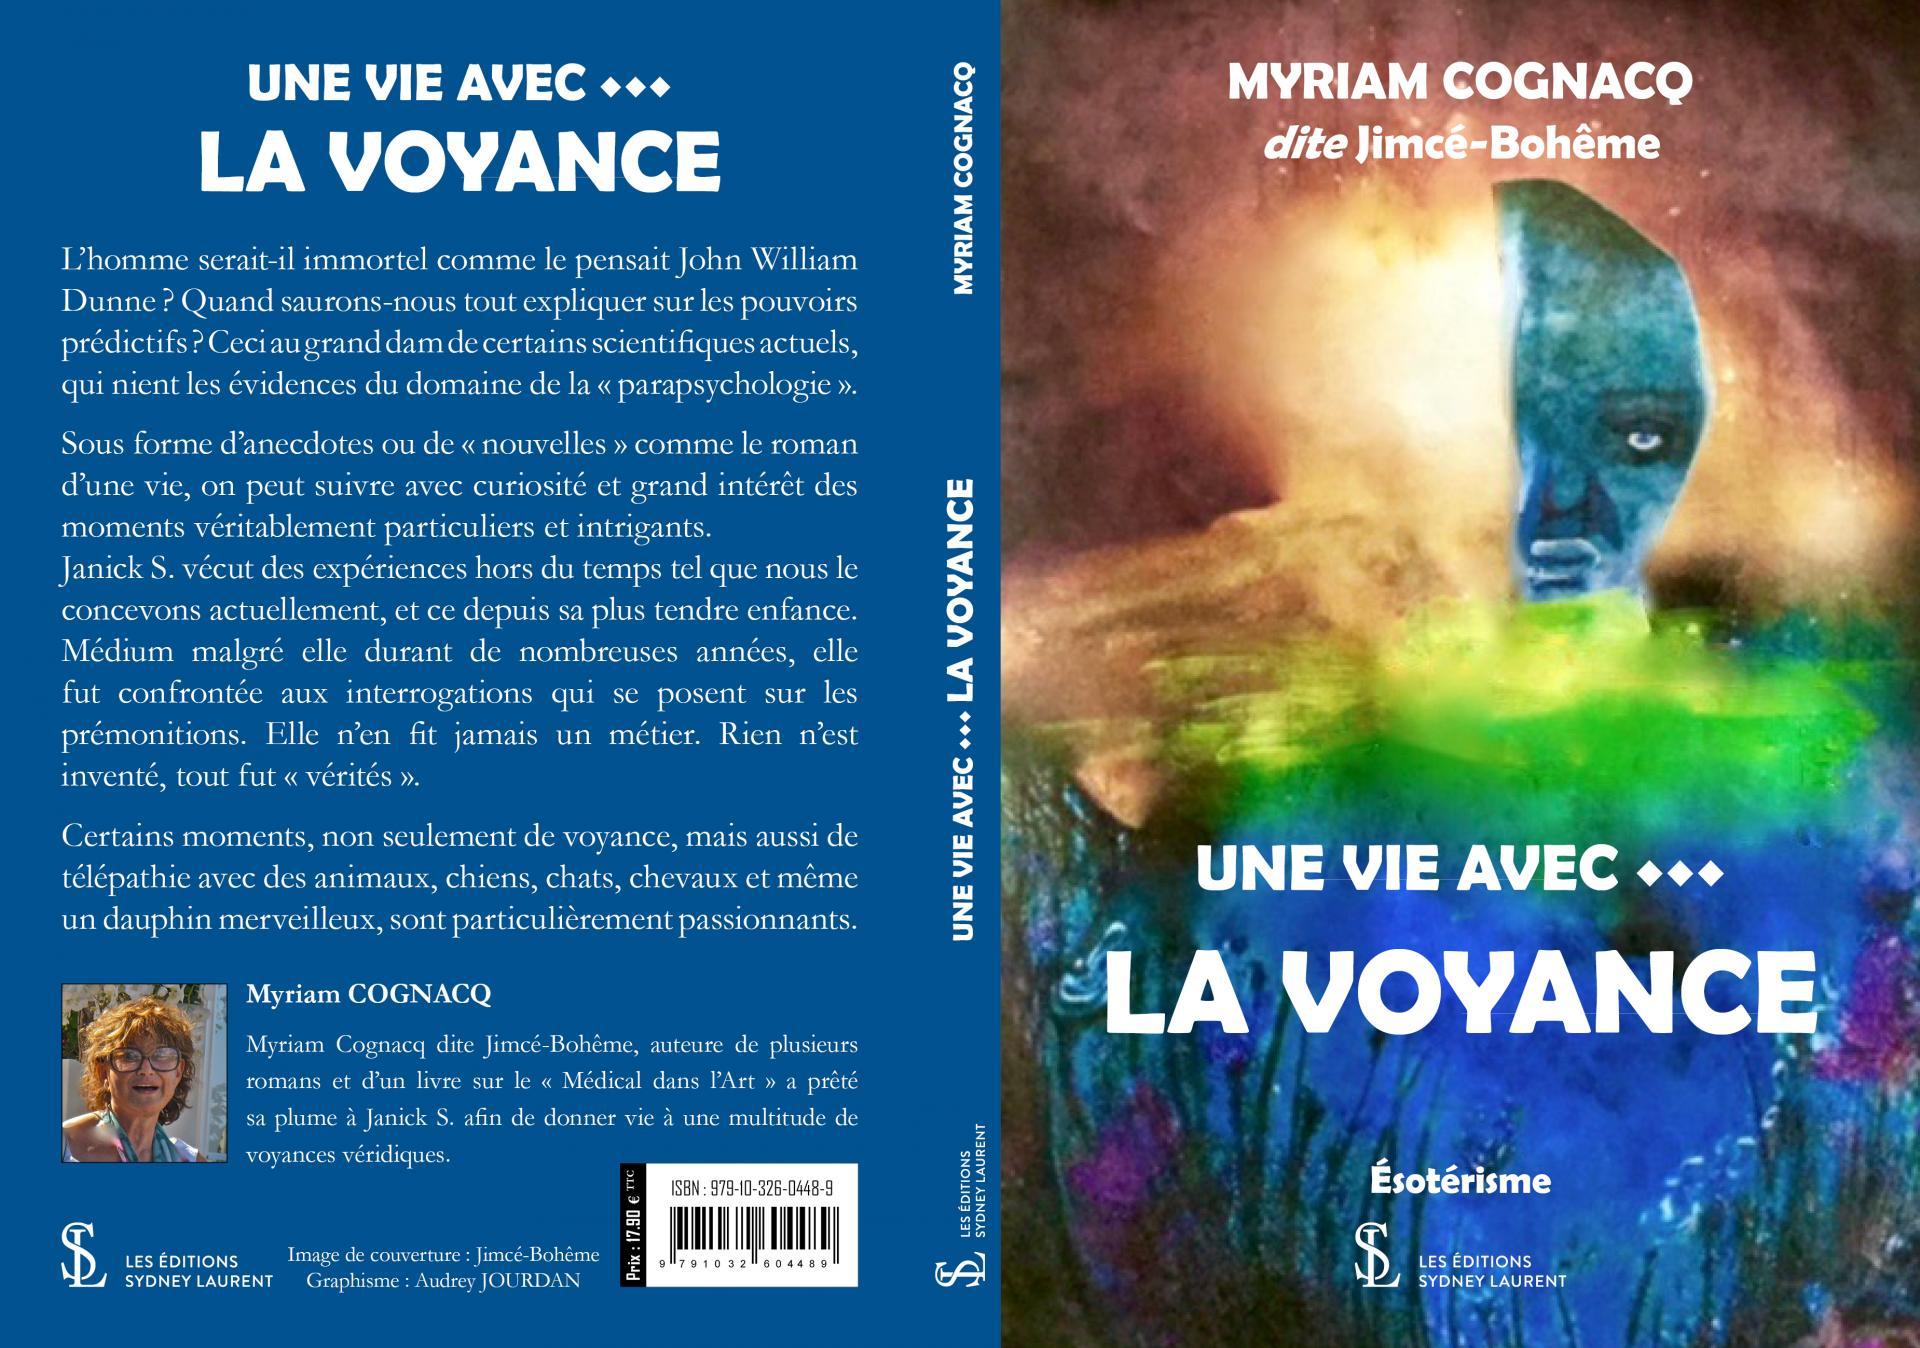 Couverture de livre cognacq myriam